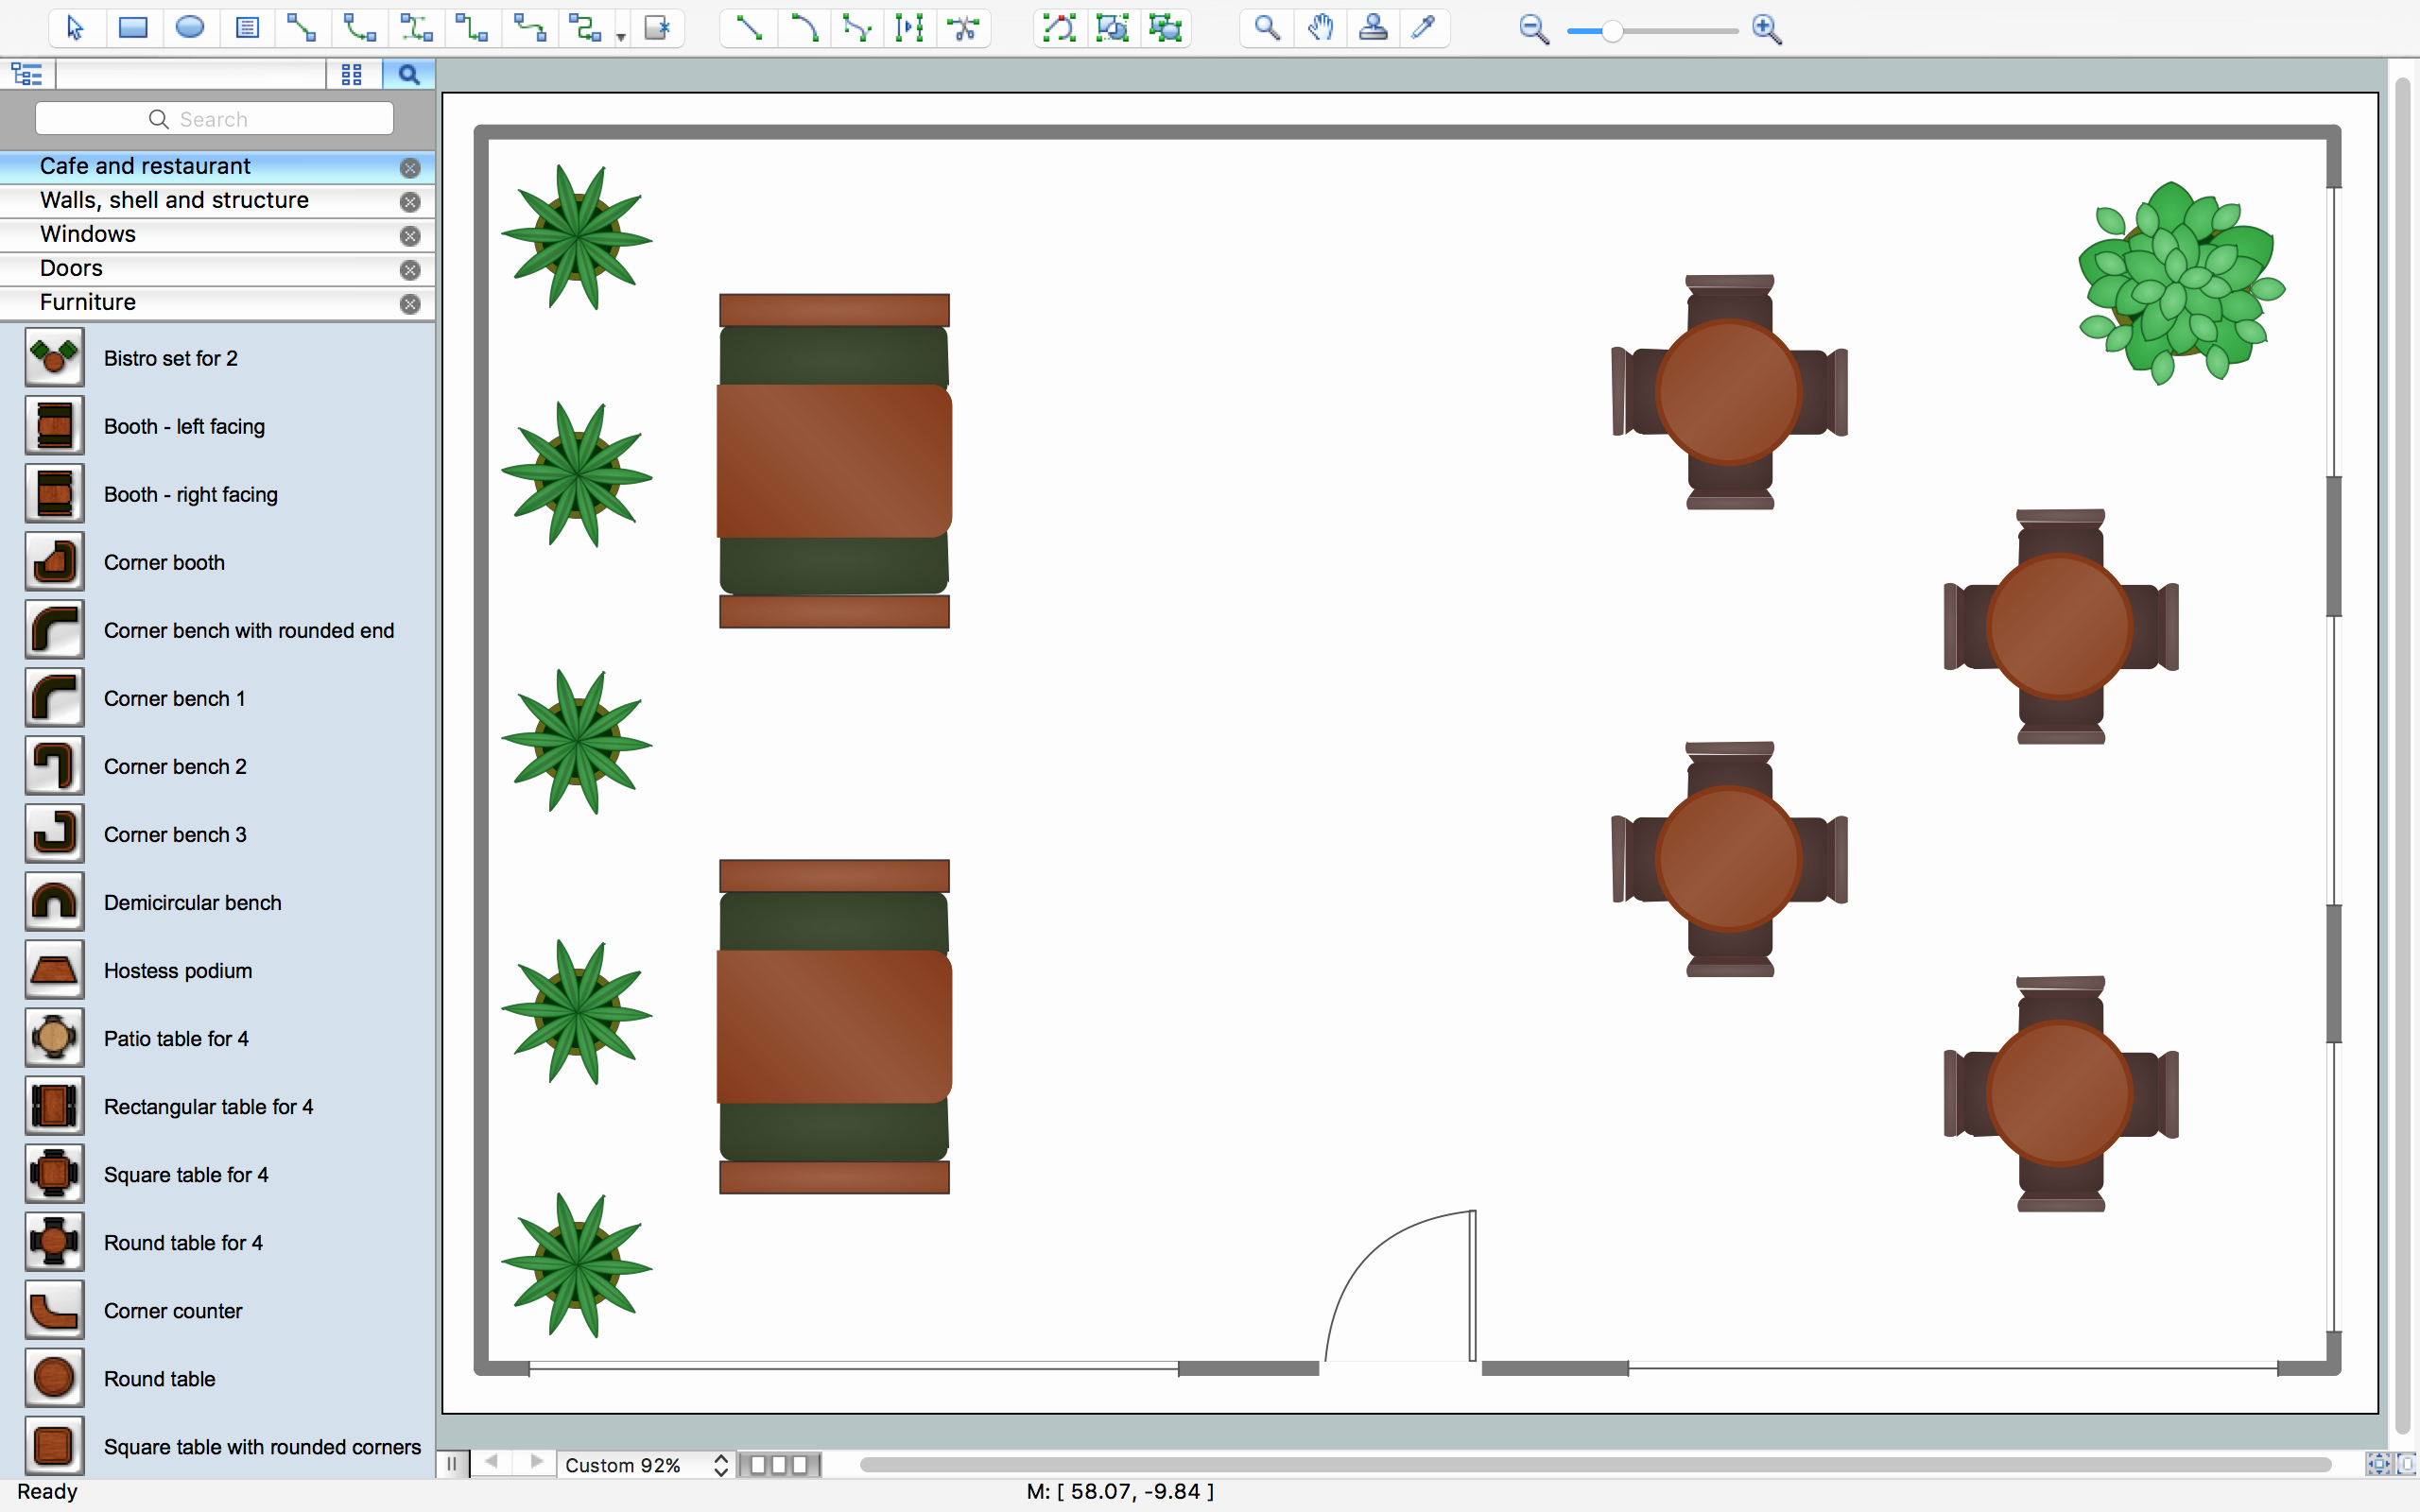 Restaurant Floor Plan Template Lovely Restaurant Floor Plans software